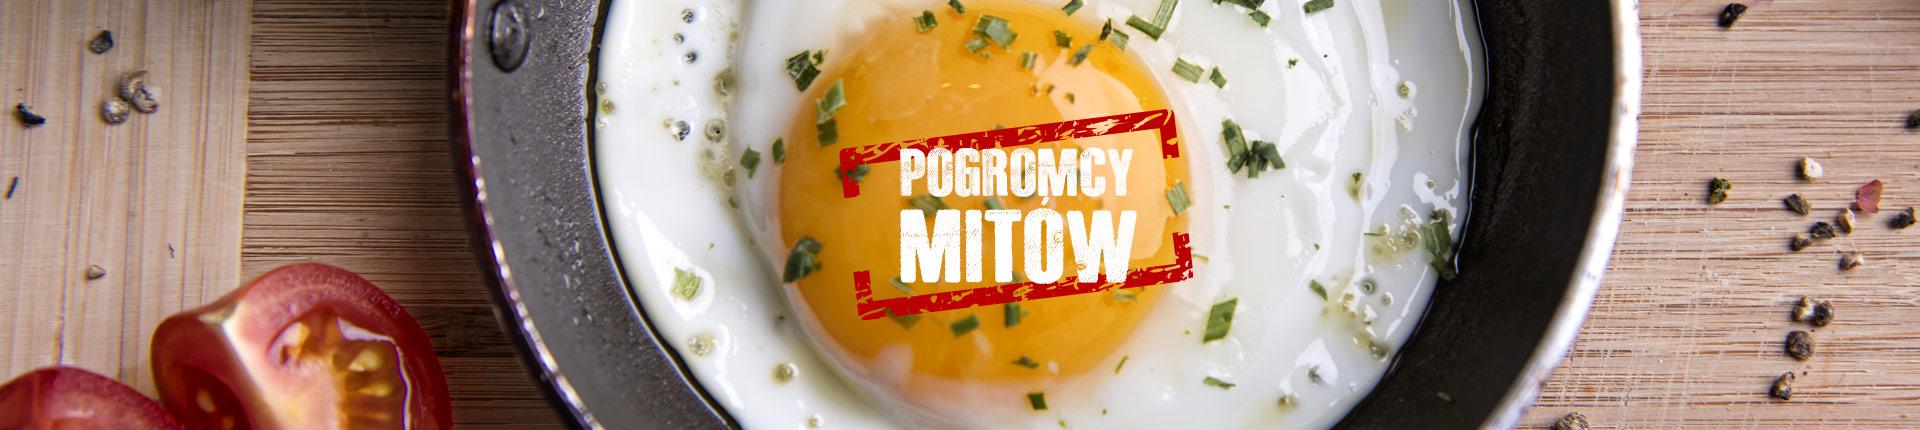 Mity, które nie chcą umrzeć: Tłuszcze to zło, żółtko jajka to zło!